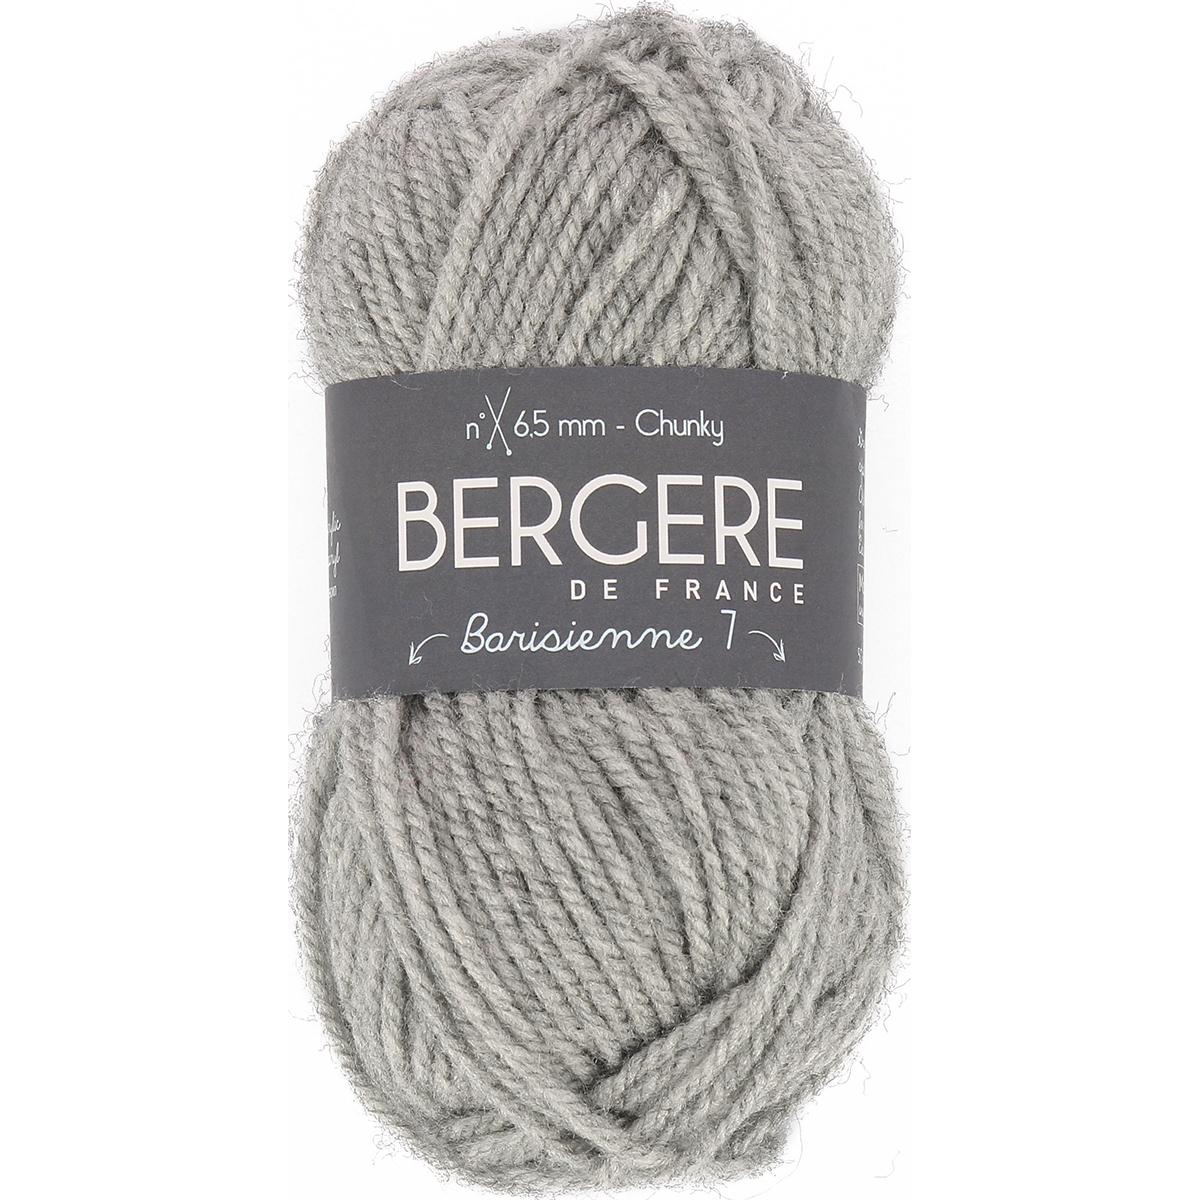 Bergere De France BARISIE7-10215 Menhir - Barisienne 7 Yarn